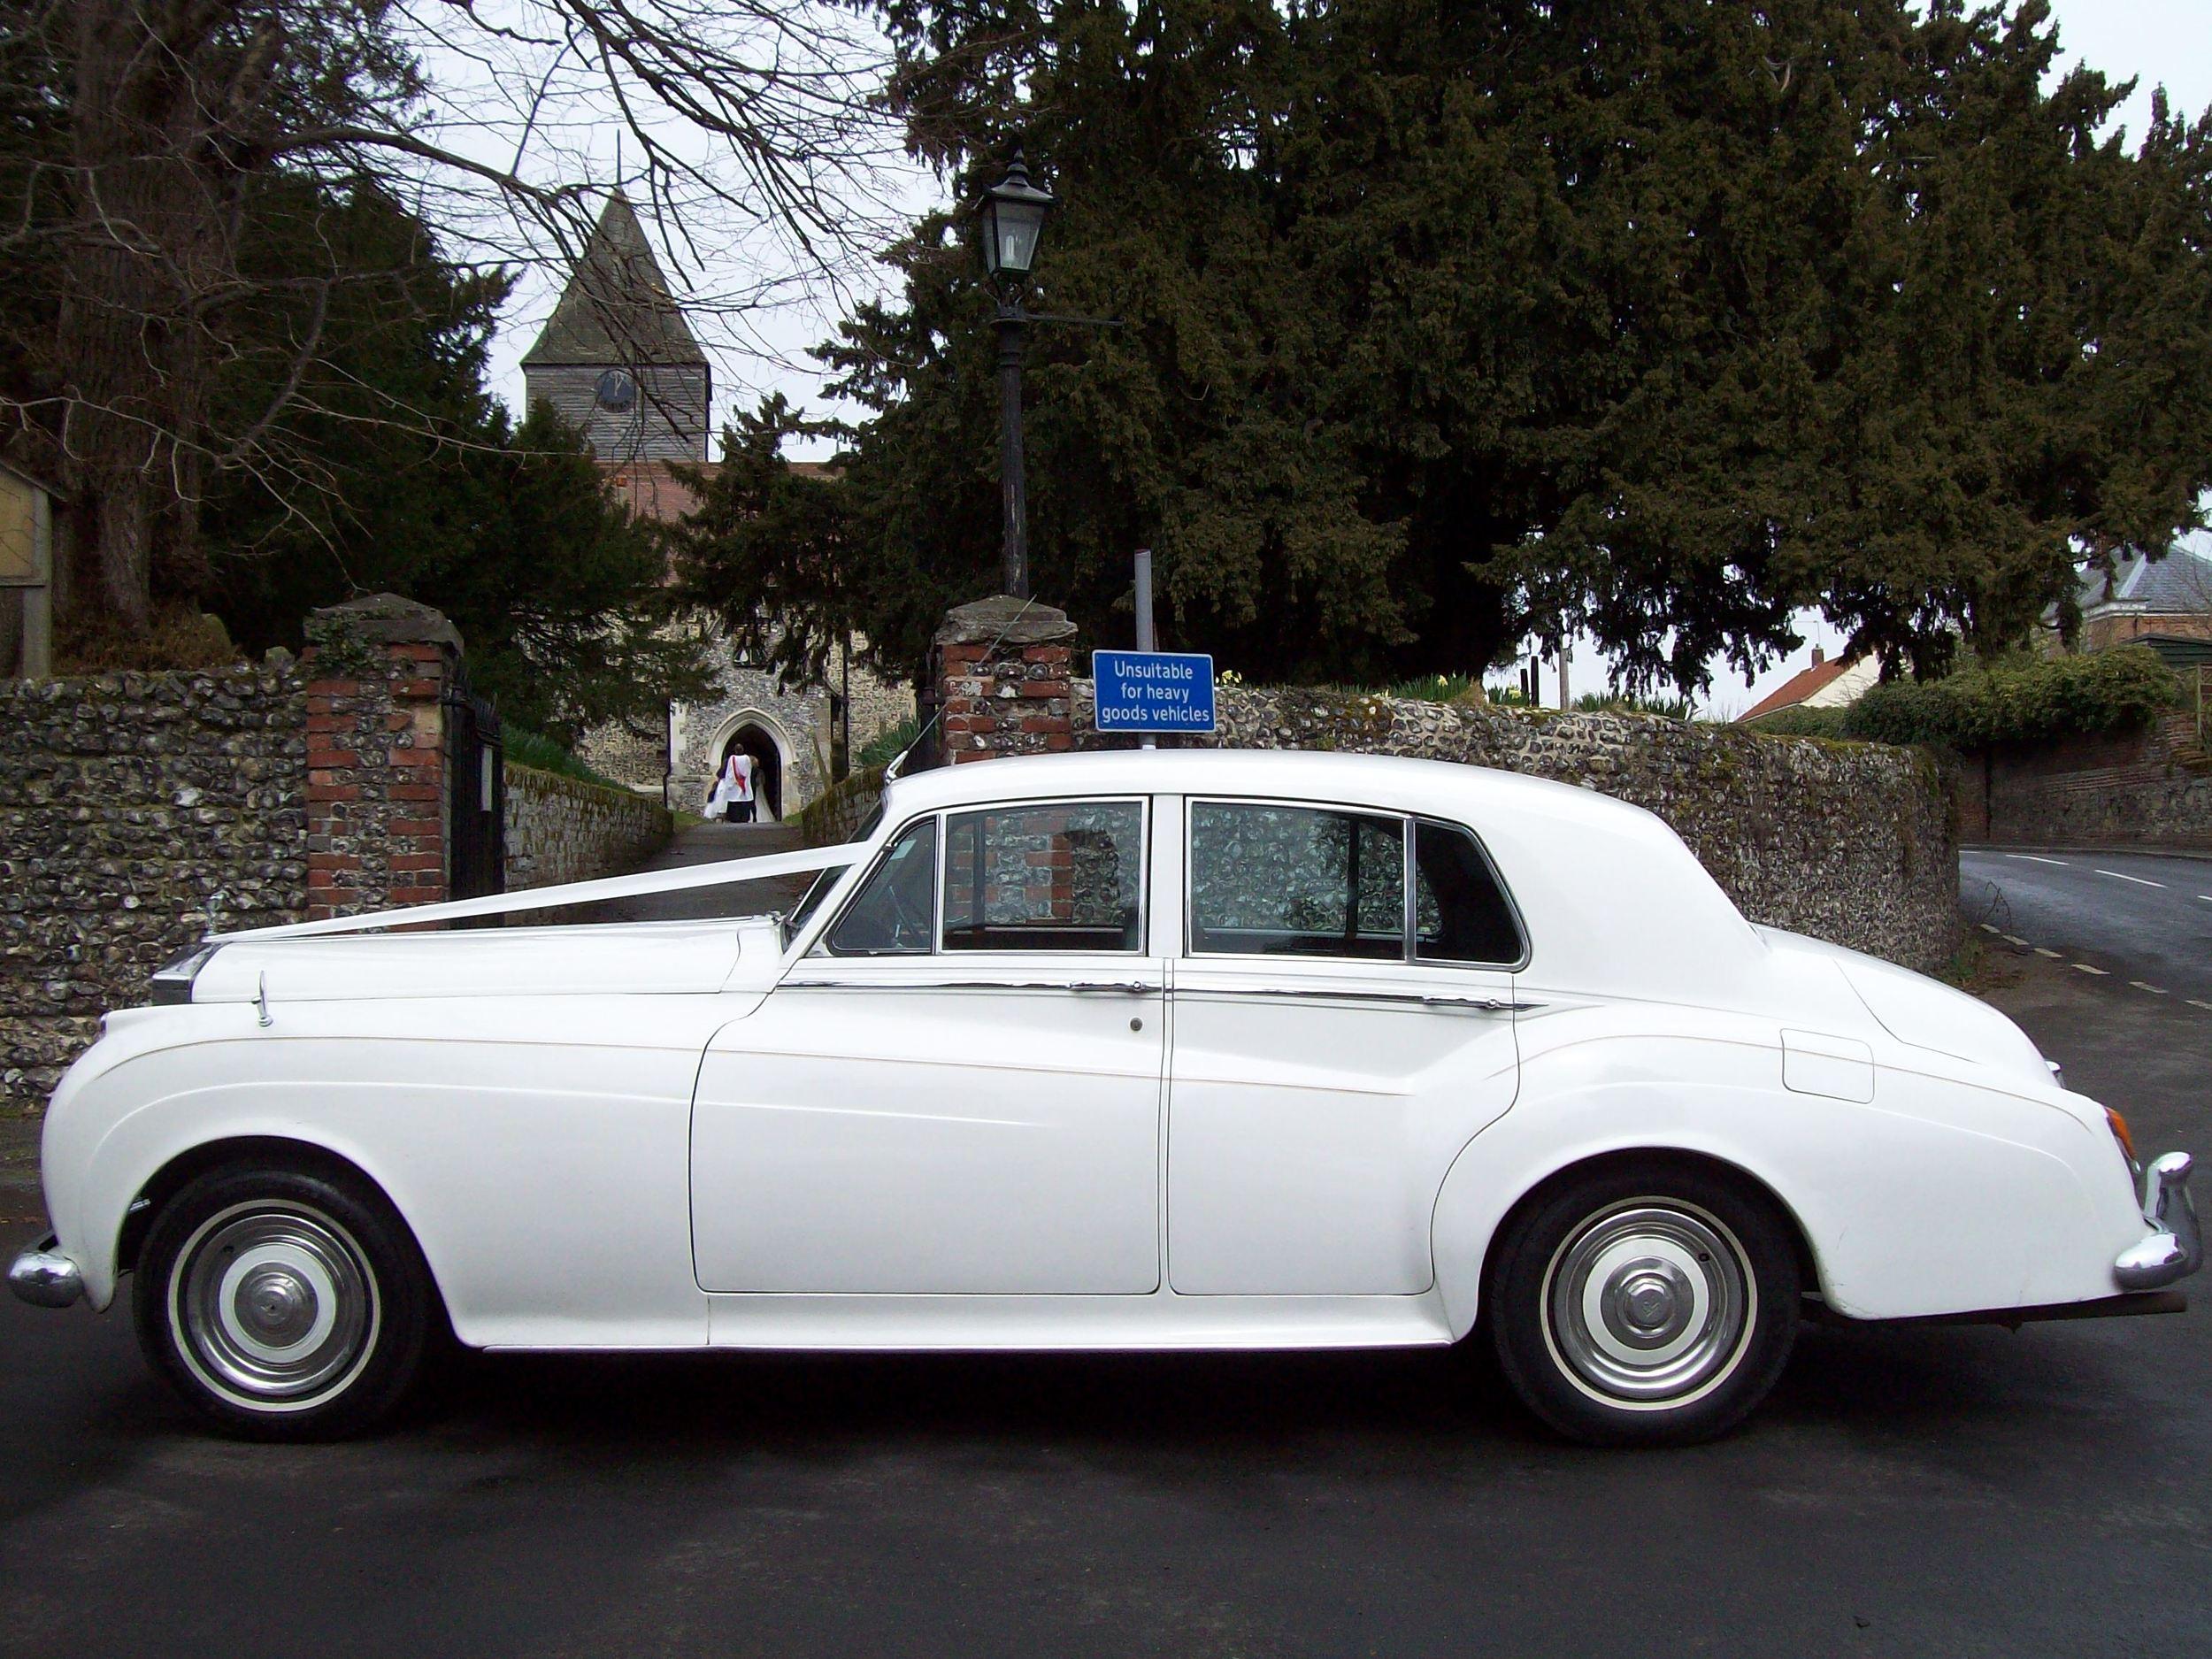 White Rolls Royce Silver Cloud